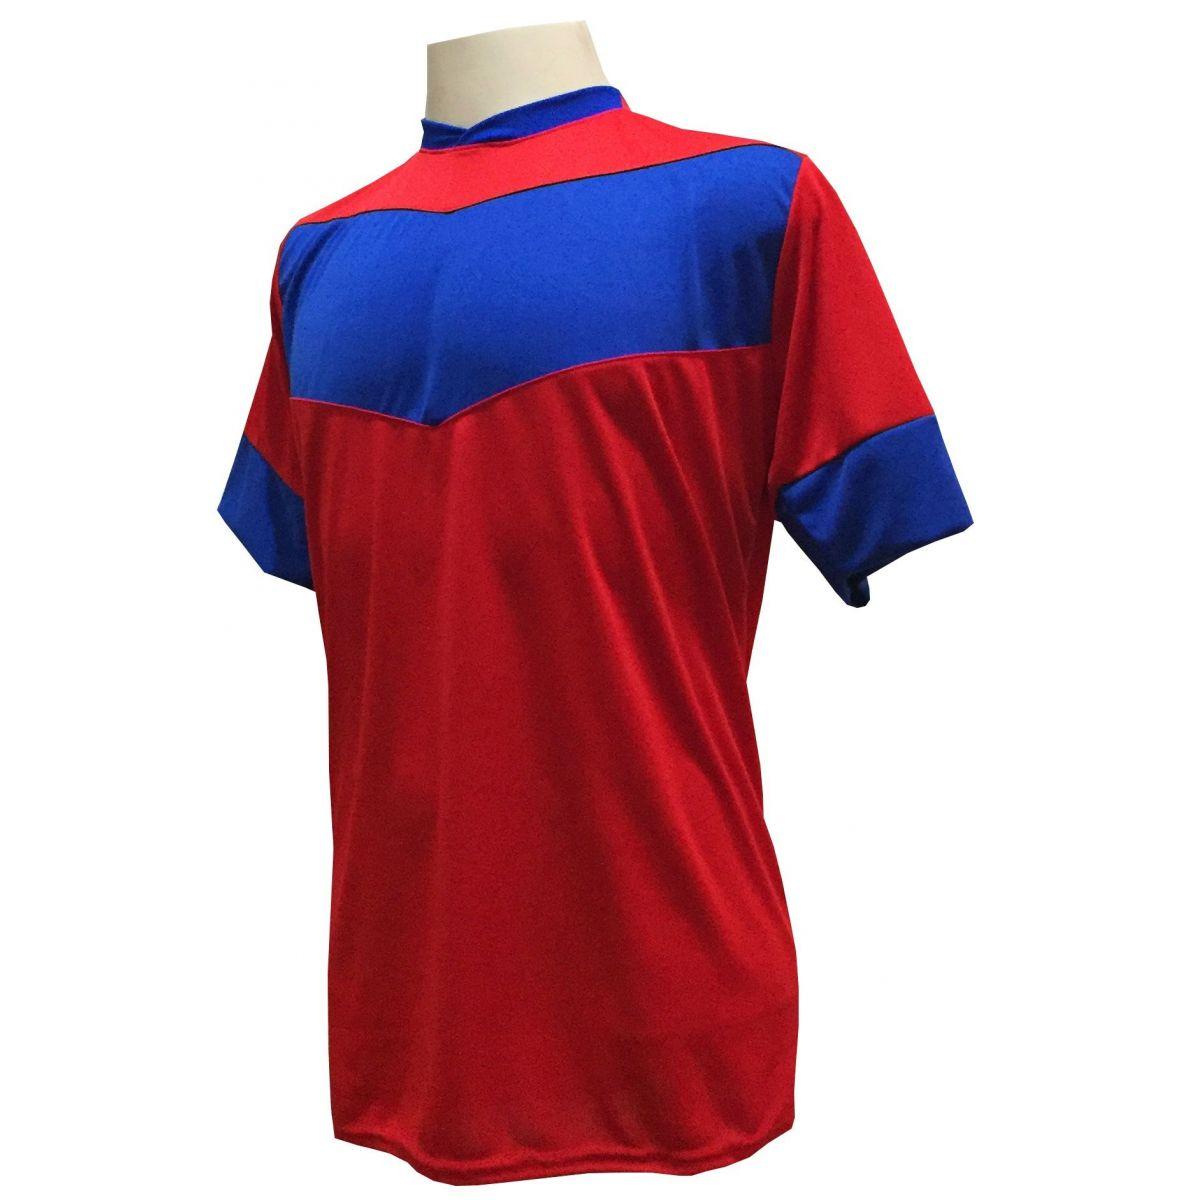 Jogo de Camisa com 18 unidades modelo Columbus Vermelho/Royal + 1 Goleiro + Brindes